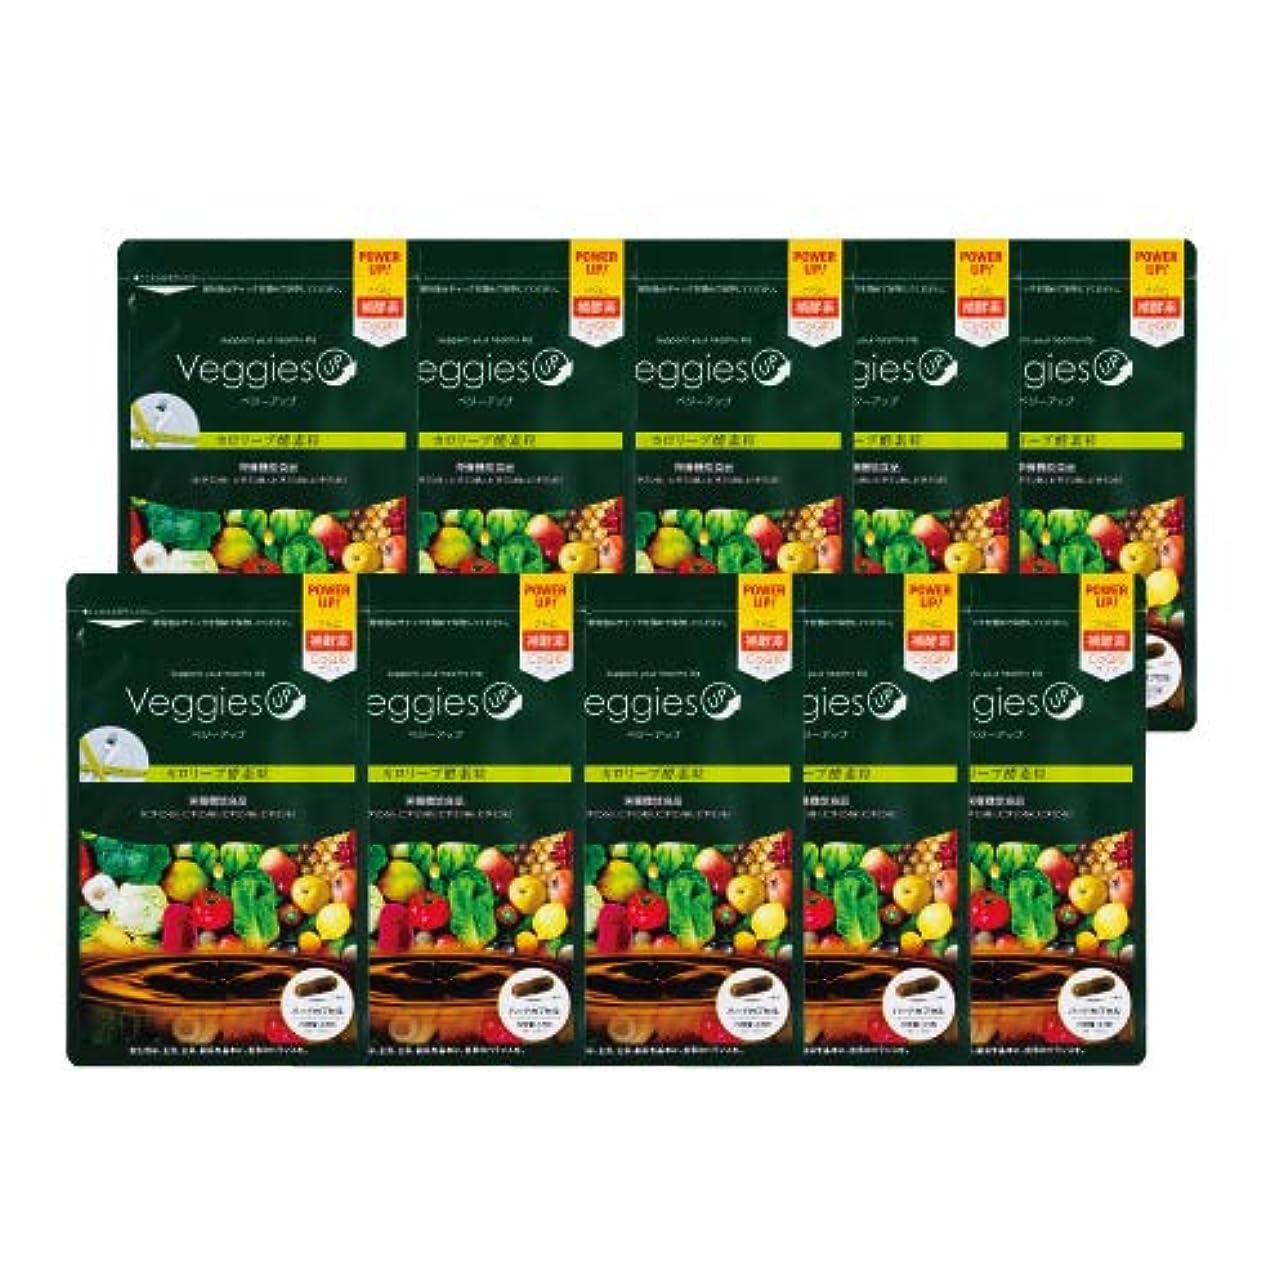 レクリエーション花ガレージベジーアップ酵素粒カロリーブ 93粒 10袋セット ダイエット 酵素サプリ 酵素ダイエット サラシア コエンザイムQ10 竹炭